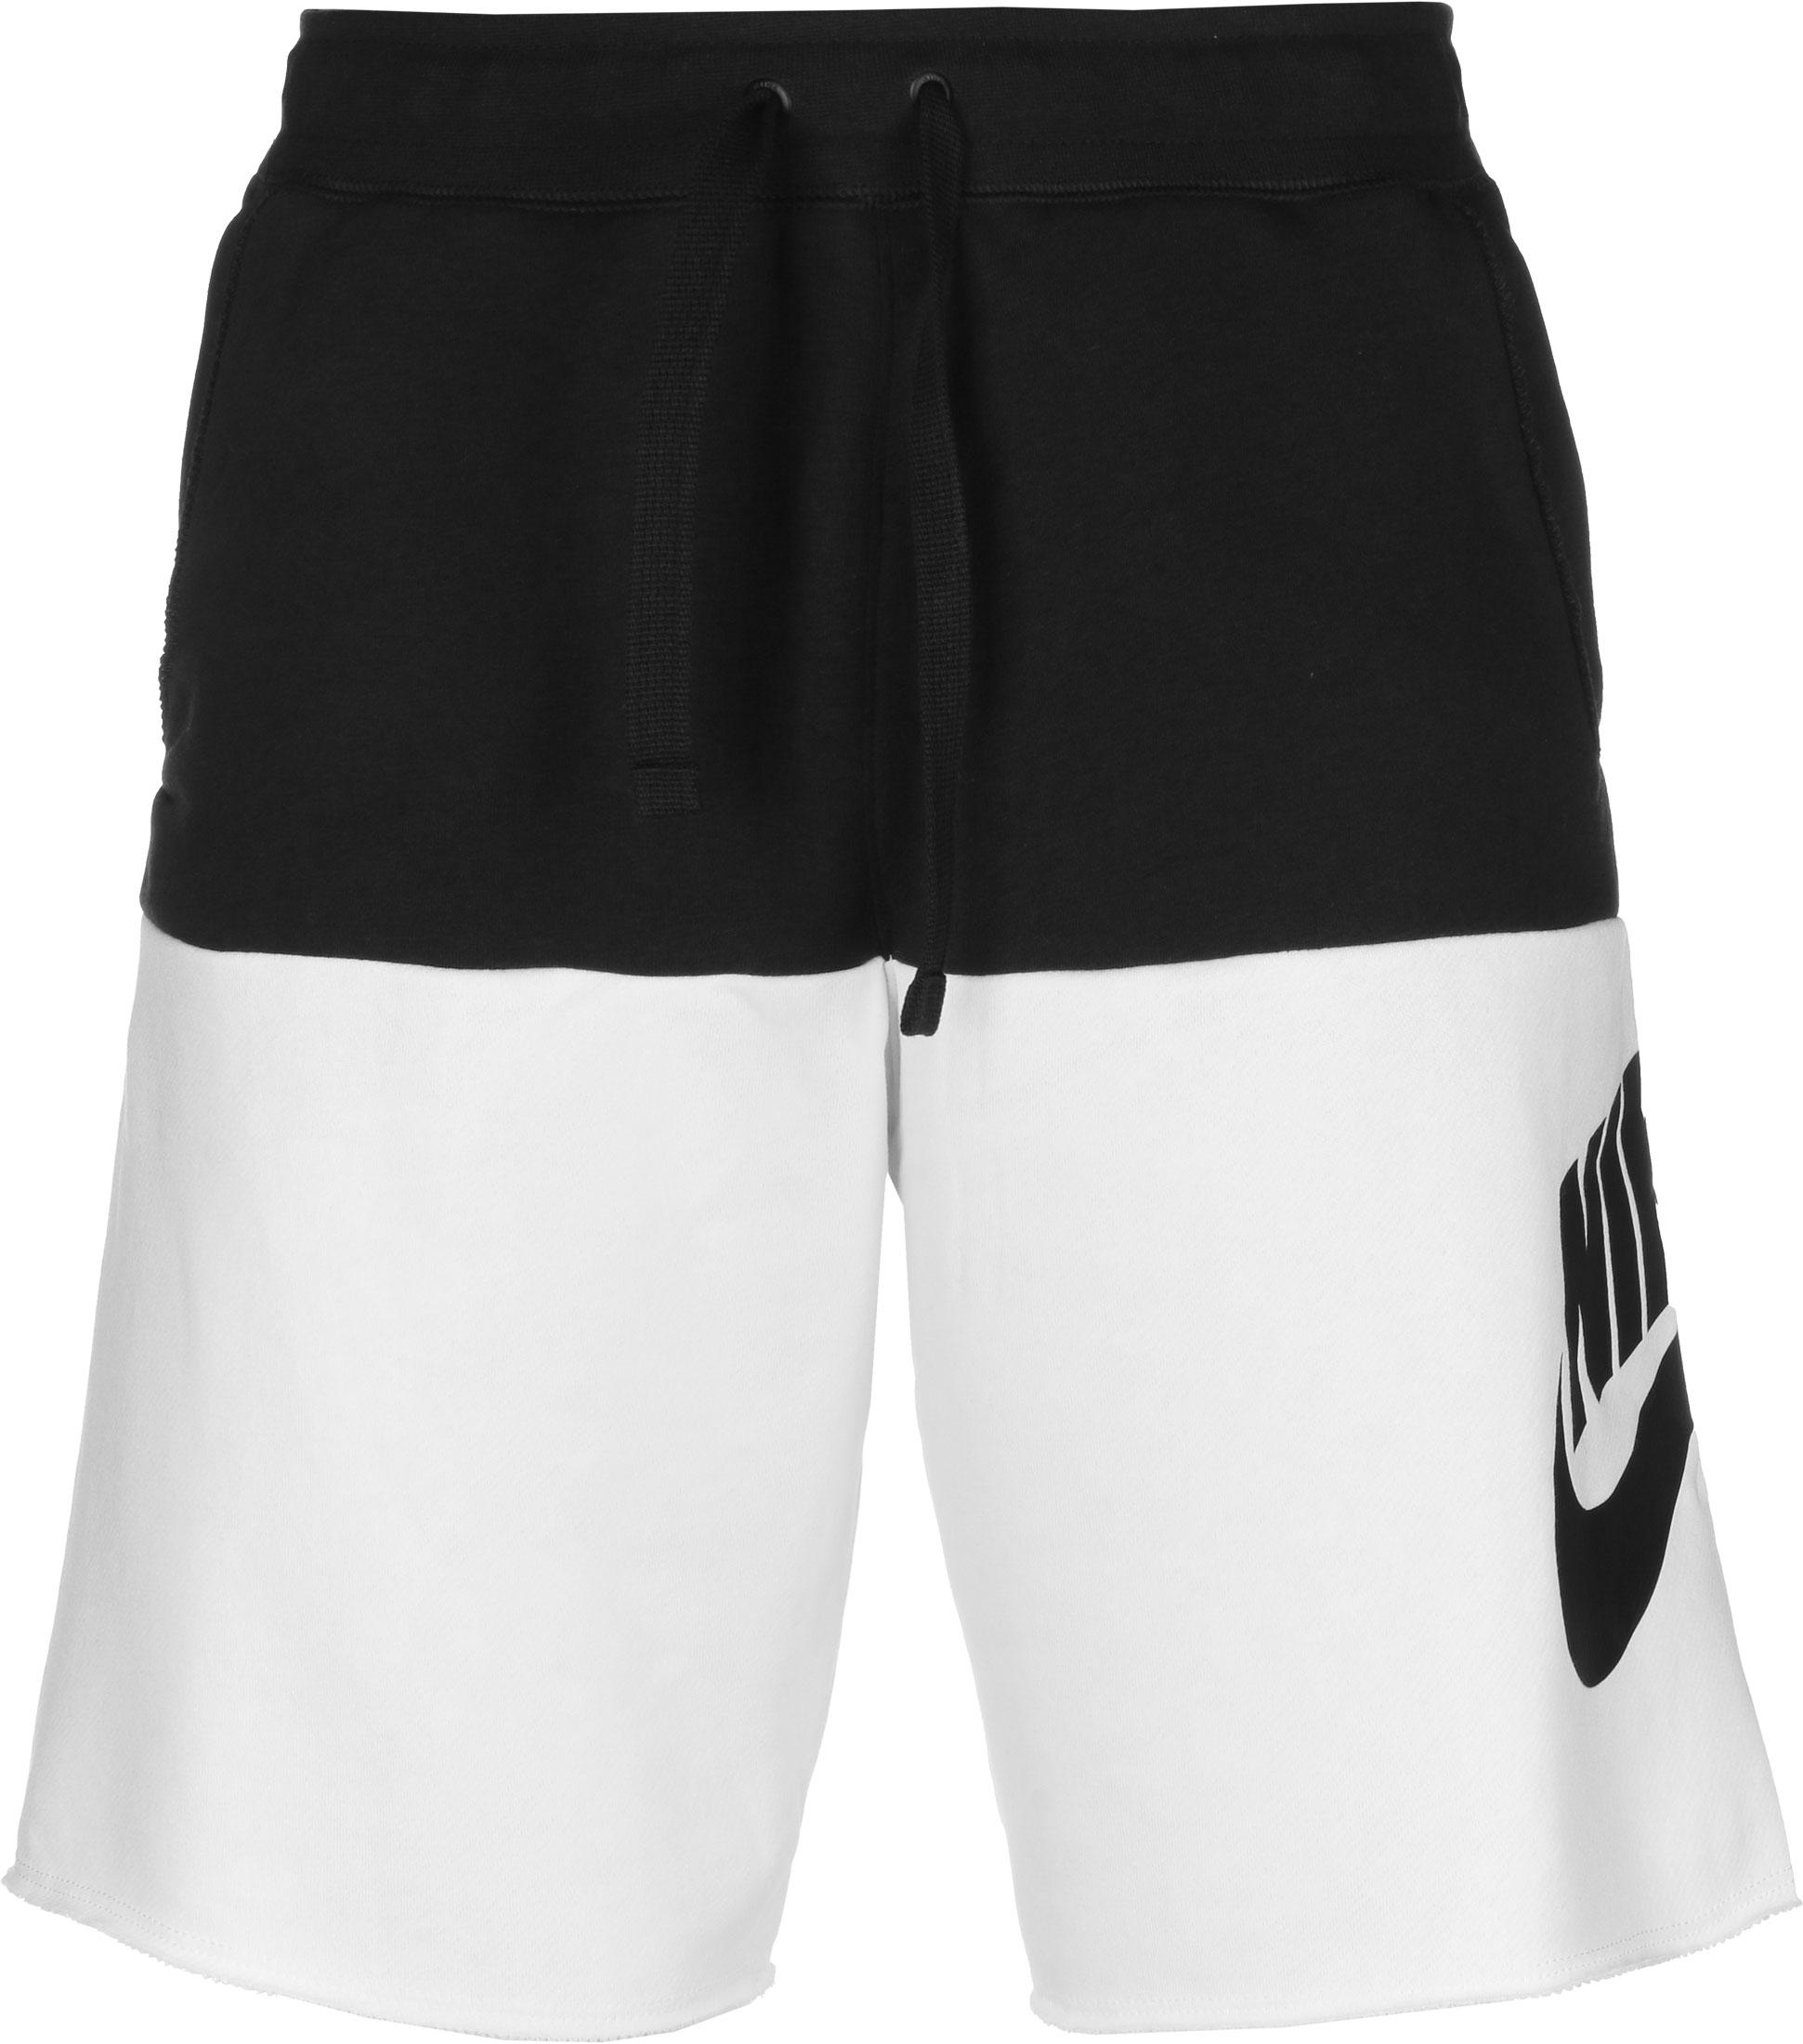 buy \u003e black and white nike shorts, Up